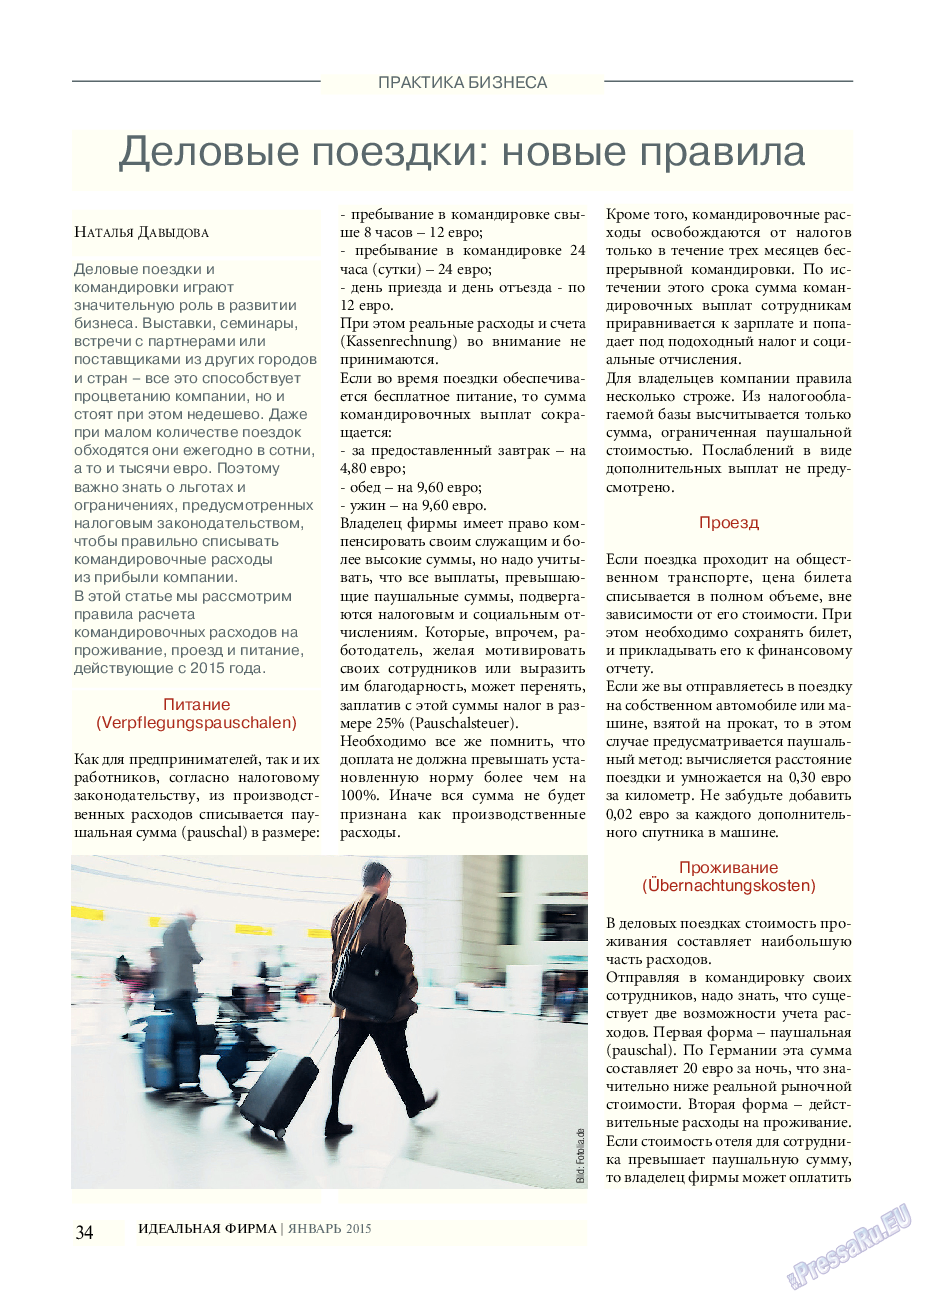 Идеальная фирма (журнал). 2015 год, номер 1, стр. 34